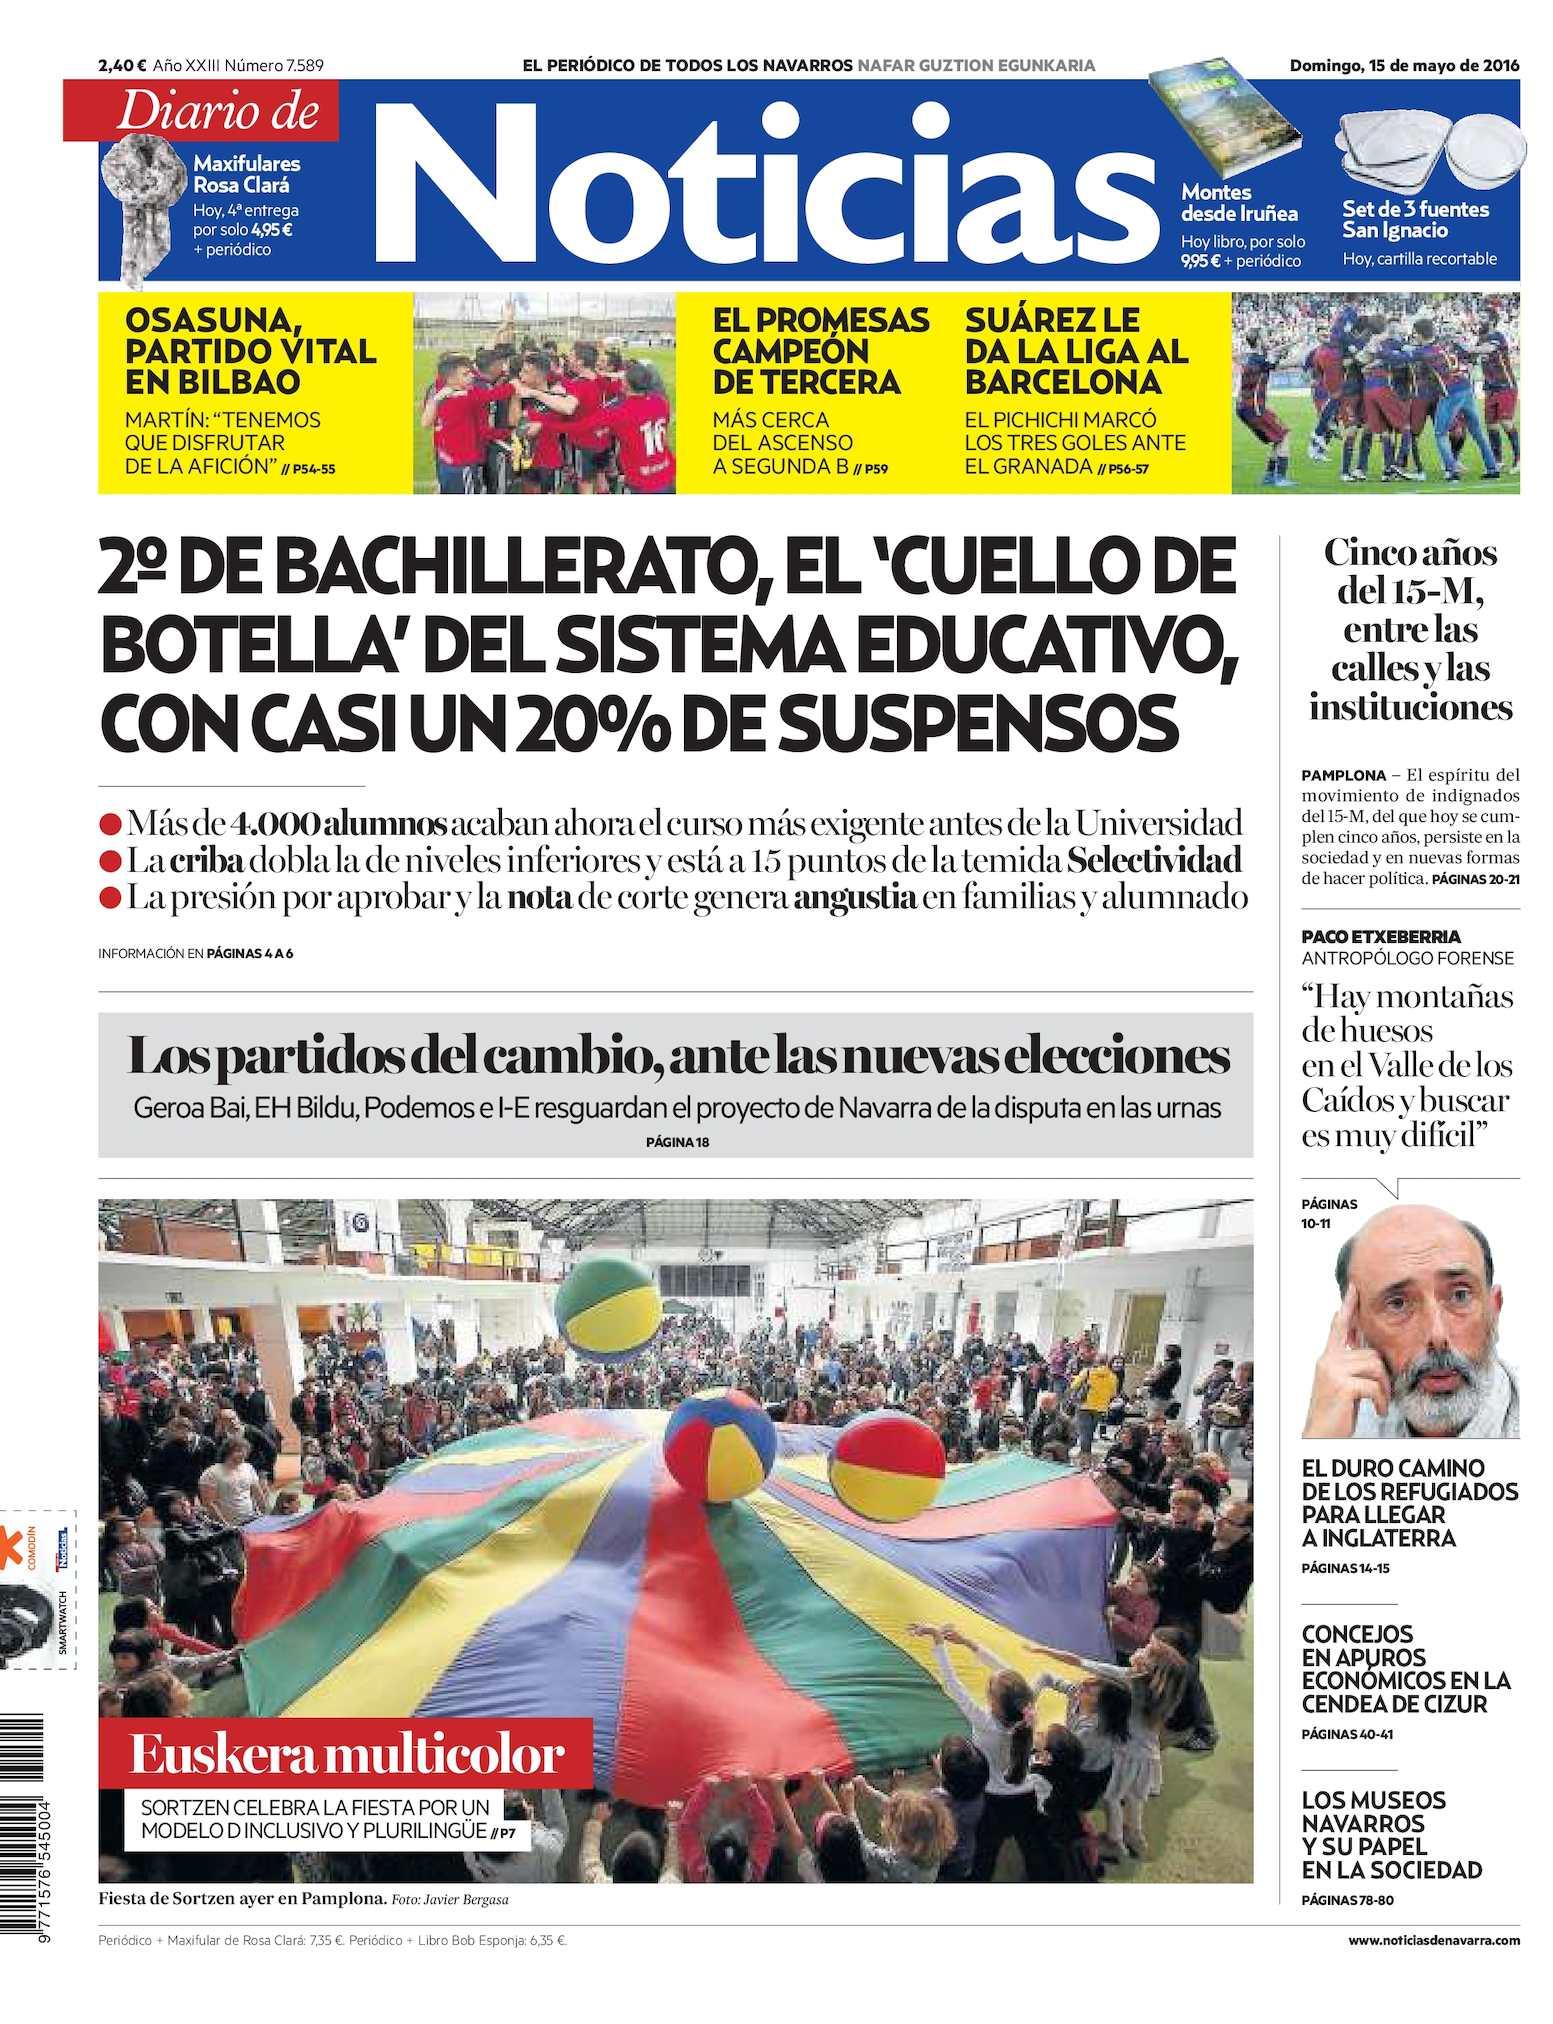 1a6888a1b3 Calaméo - Diario de Noticias 20160515